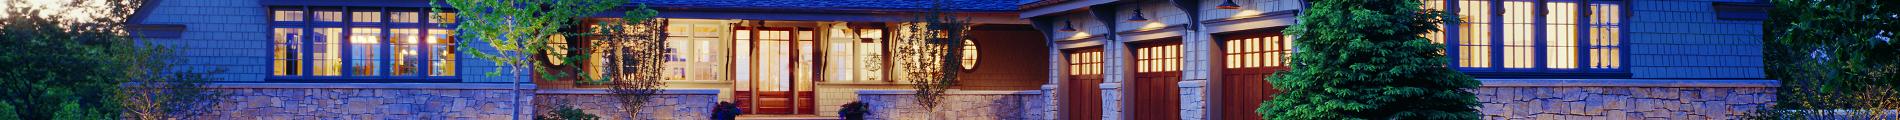 Marvin Windows Amp Doors Everett Dealer Amp Installer For